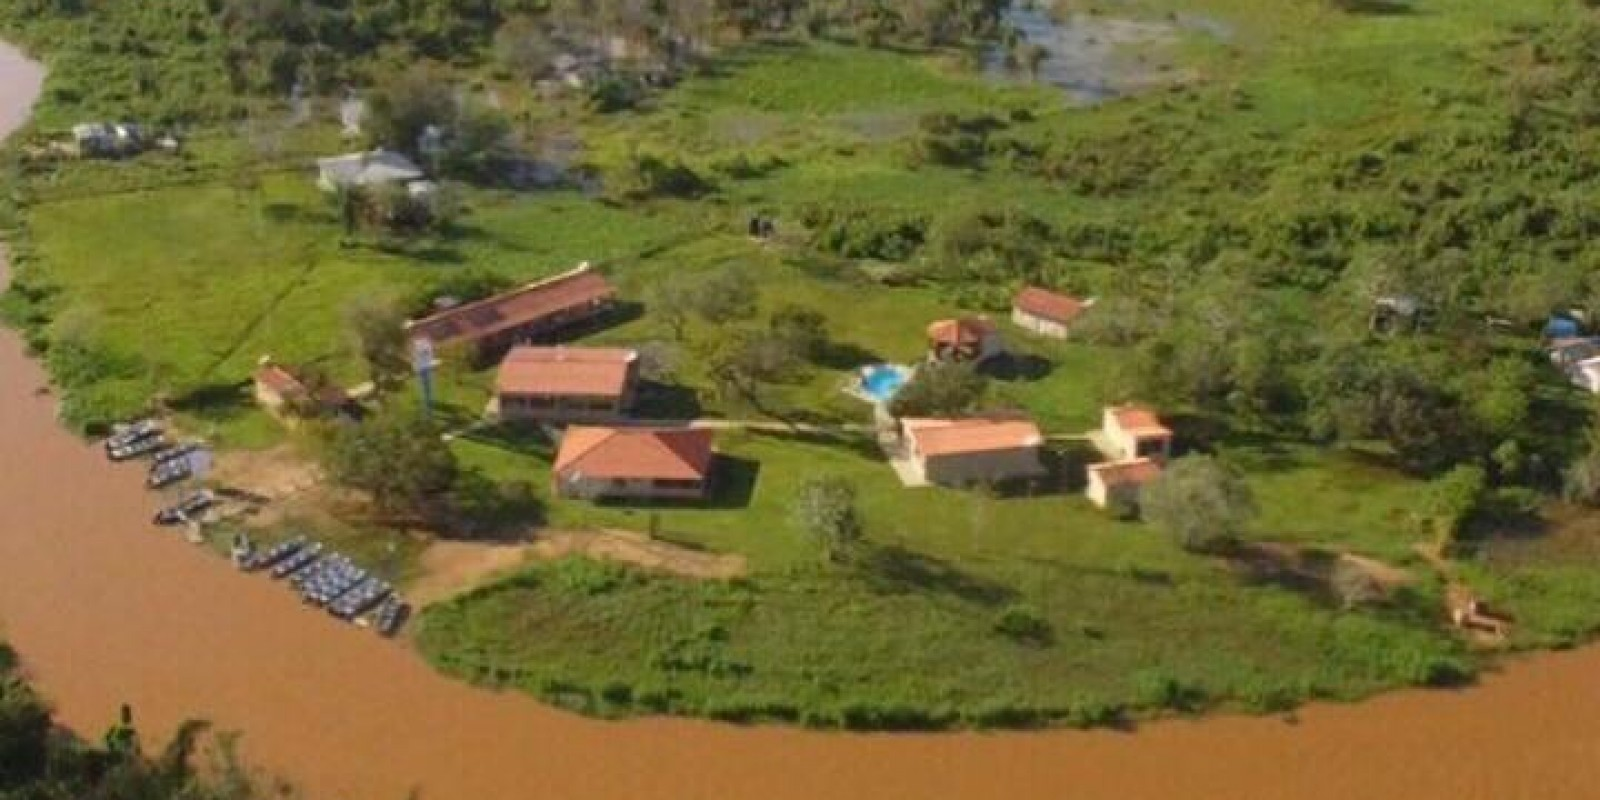 Pousada Águas do Pantanal - Foto 13 de 17